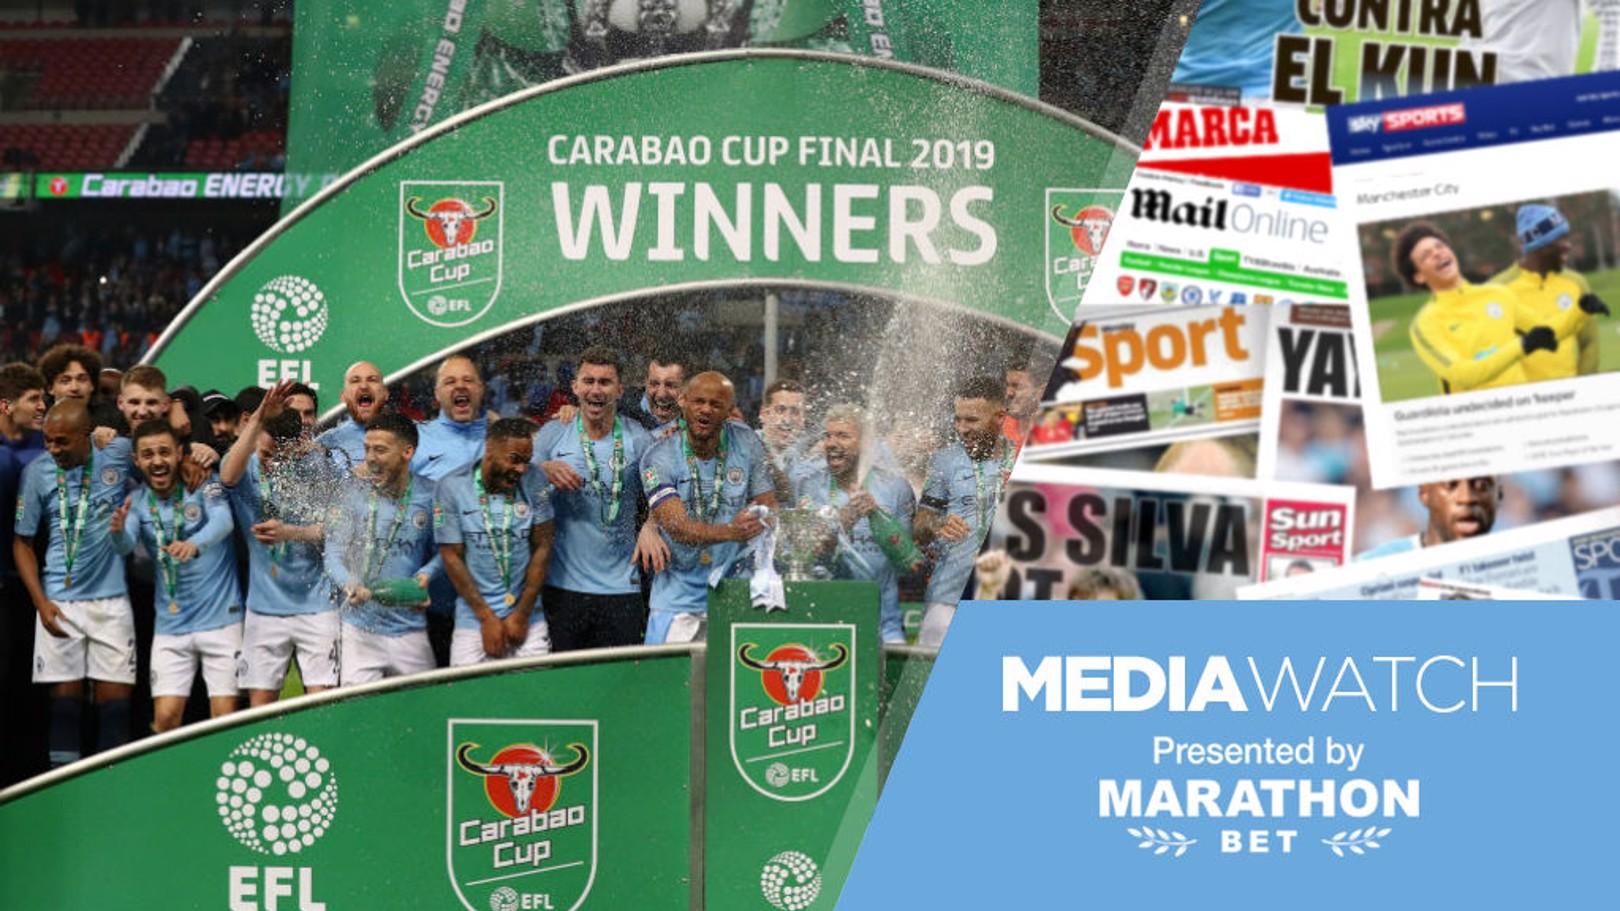 Repaso de prensa: campeones de copa